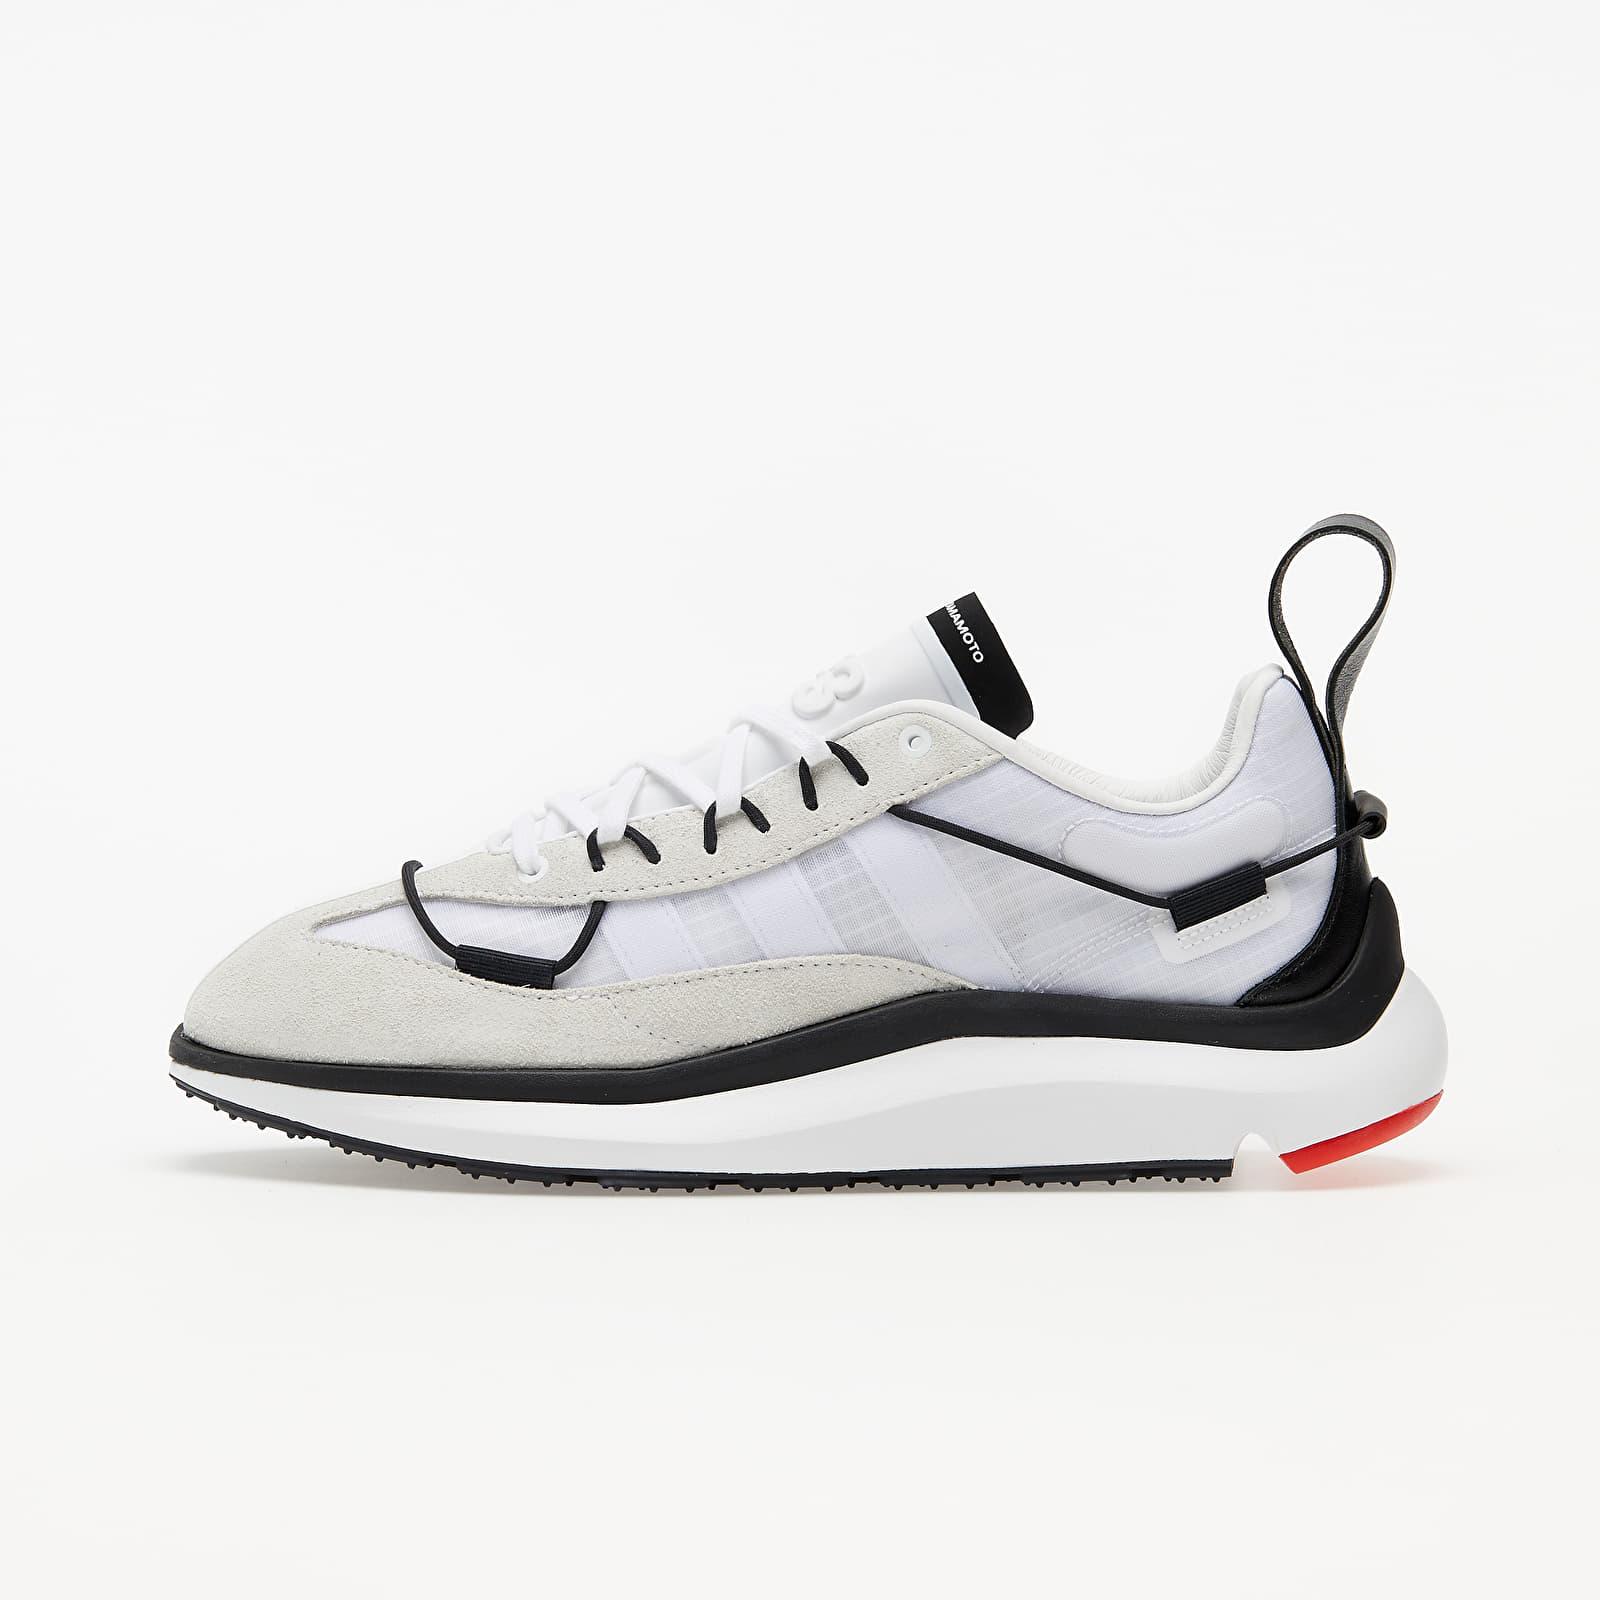 Men's shoes Y-3 Shiku Run White/ None/ None